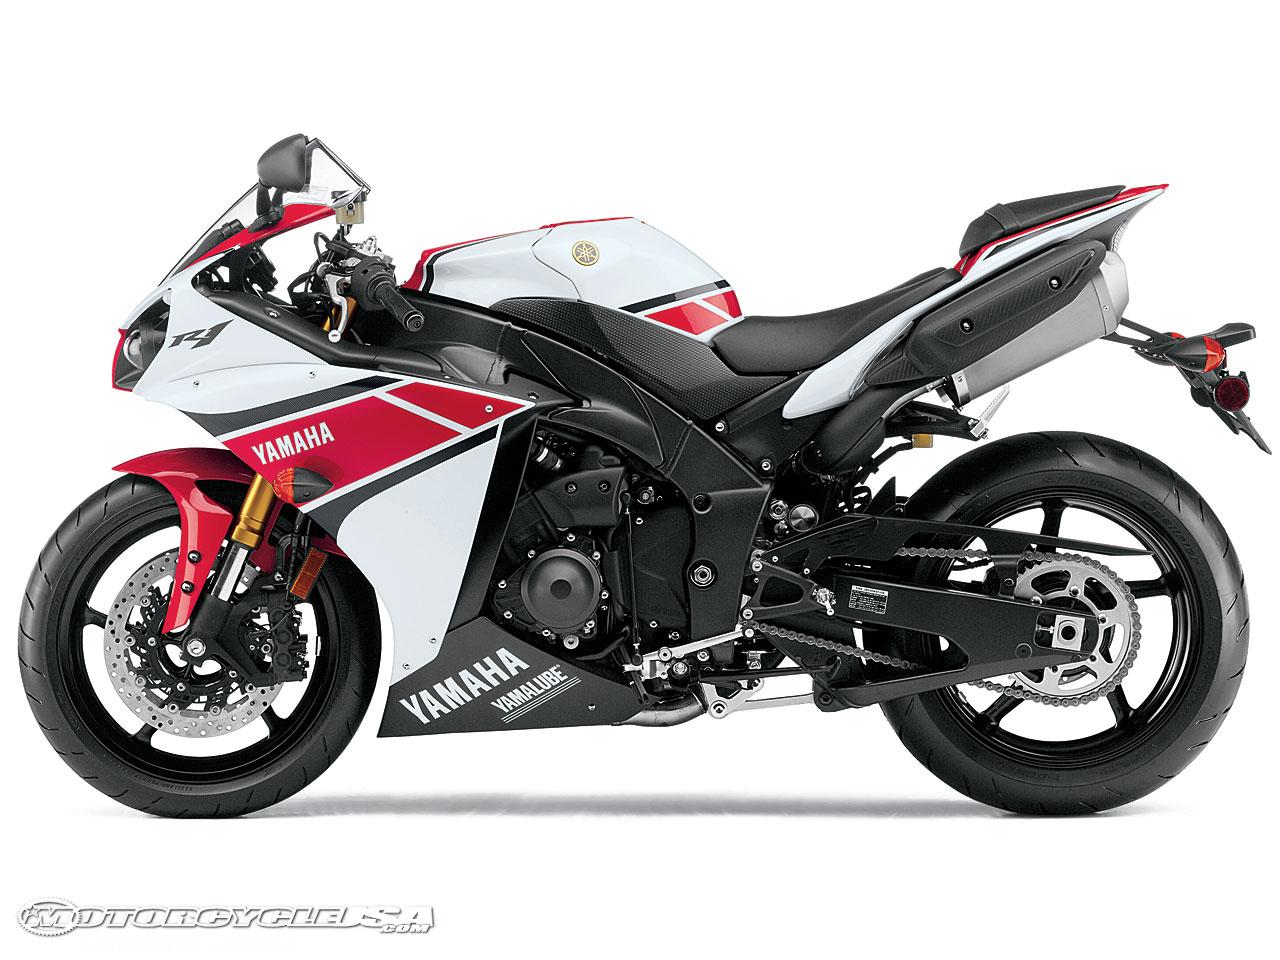 【图】2012款雅马哈yzf R6摩托车图片大全 机车网